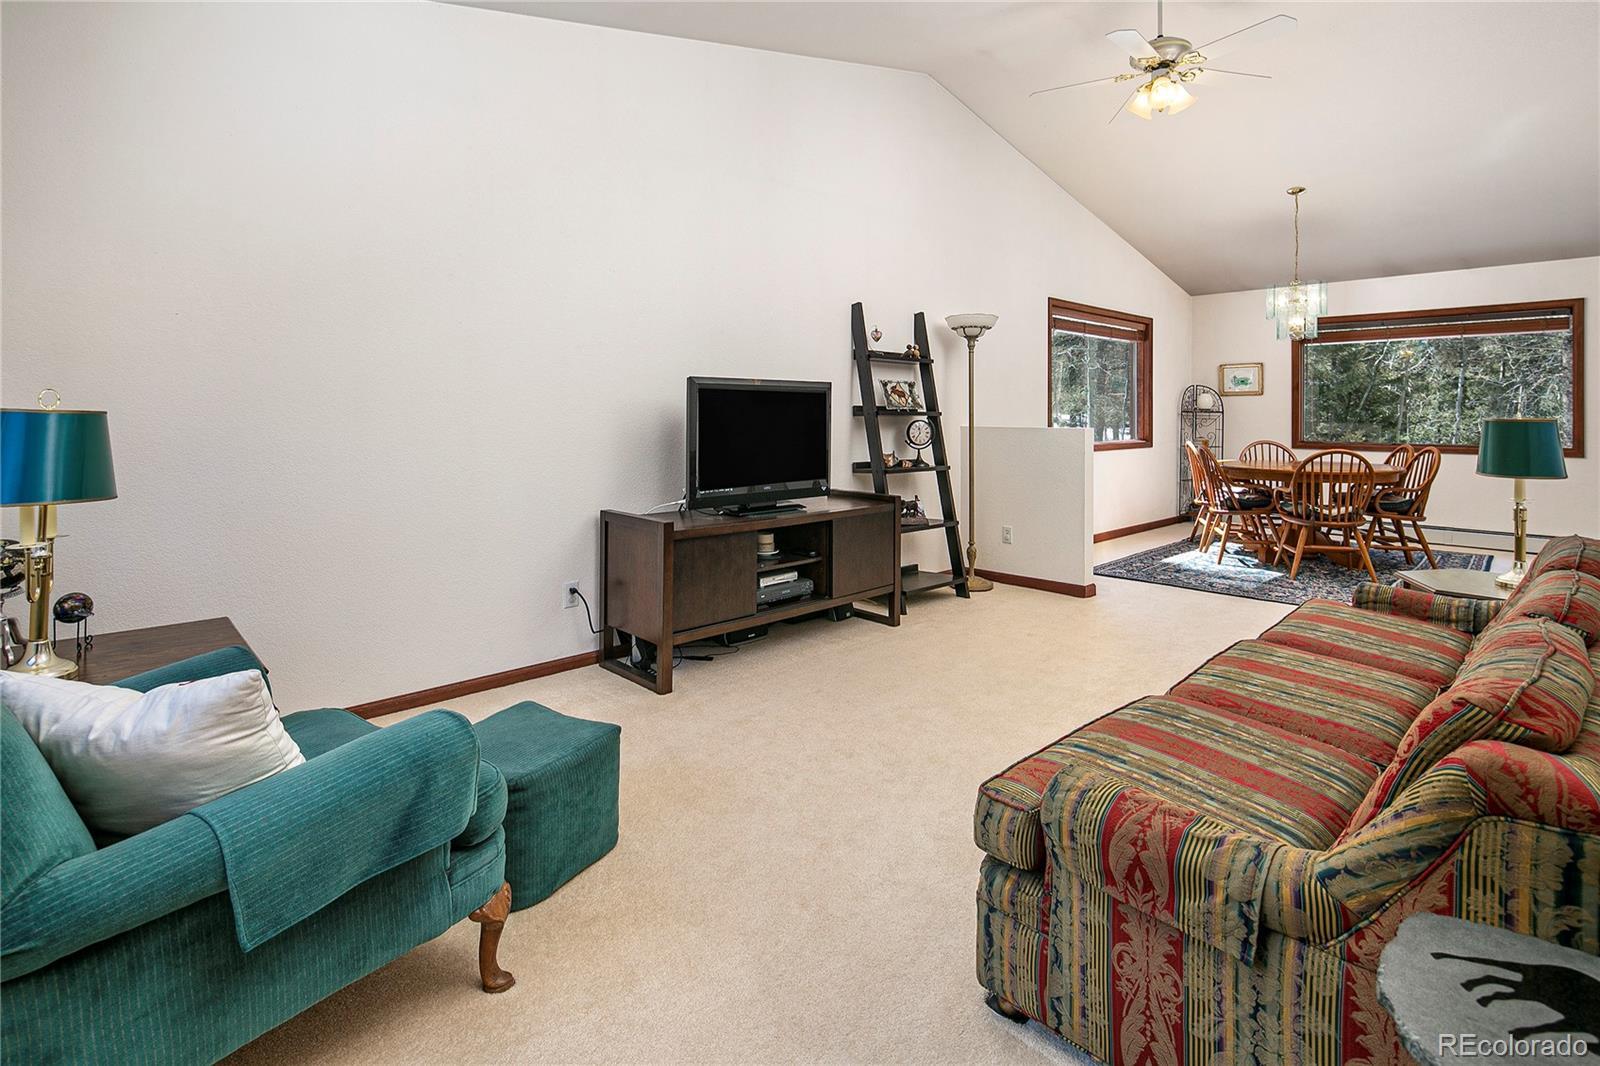 MLS# 3744542 - 14 - 13281 Callae Drive, Conifer, CO 80433